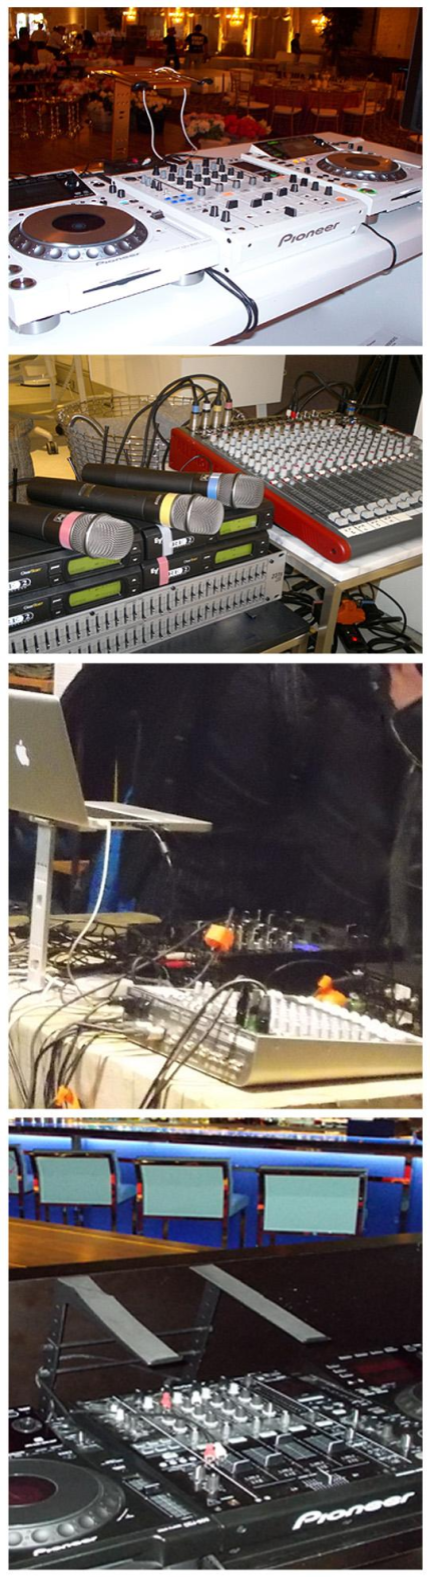 DJ mixer rentals in NYC